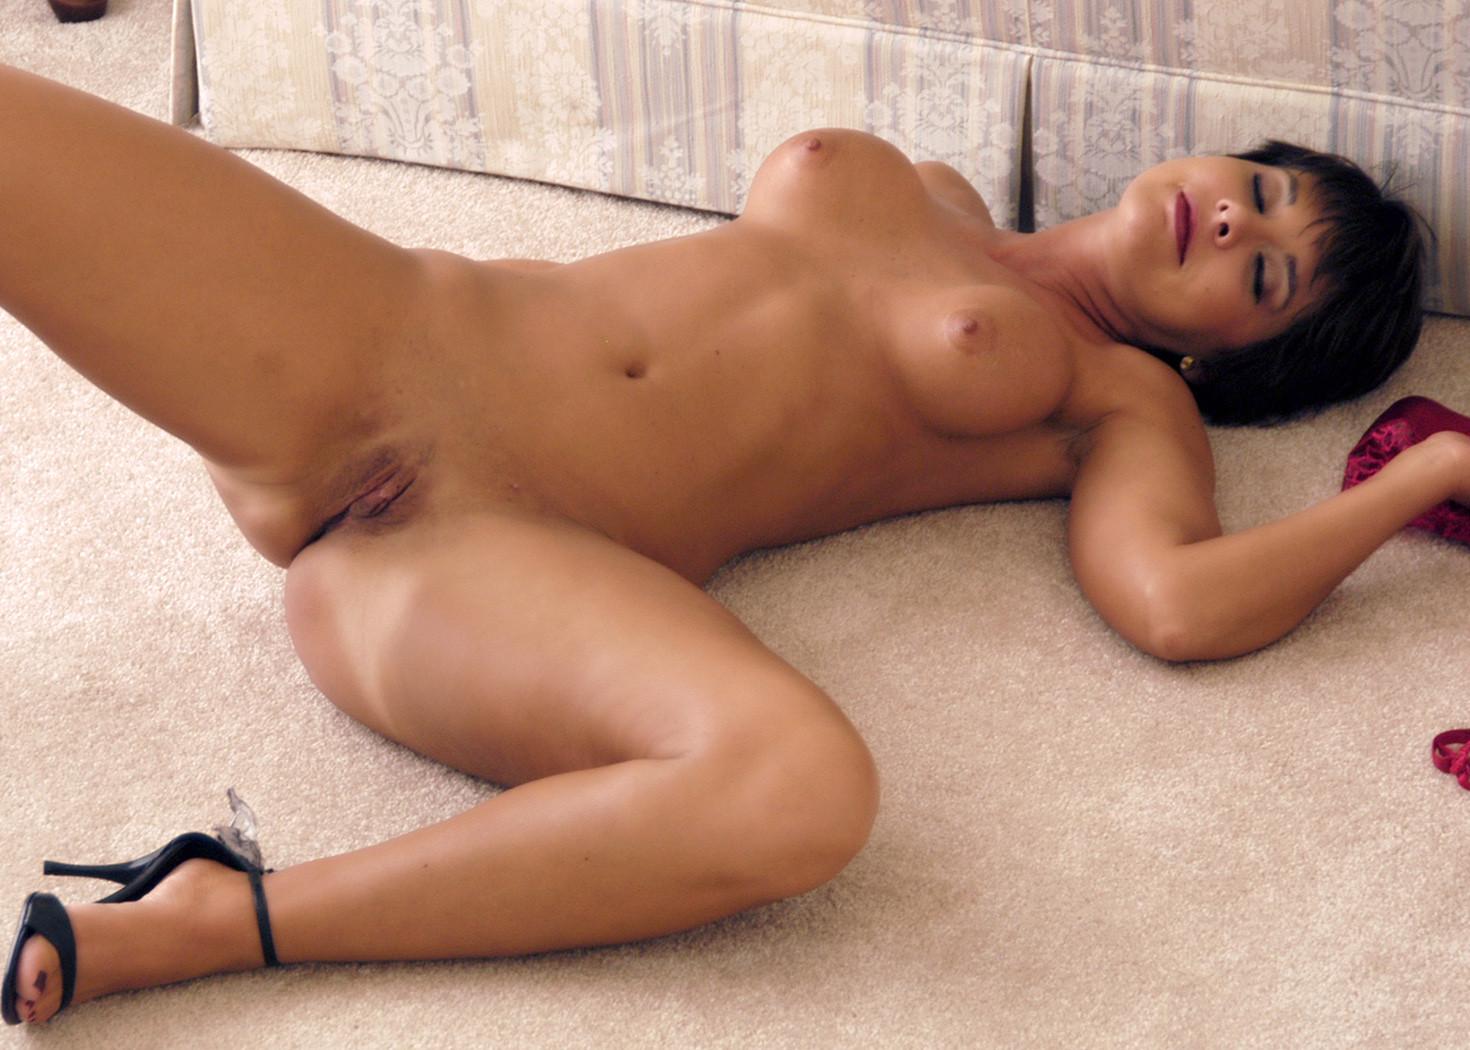 Michaela coel nude